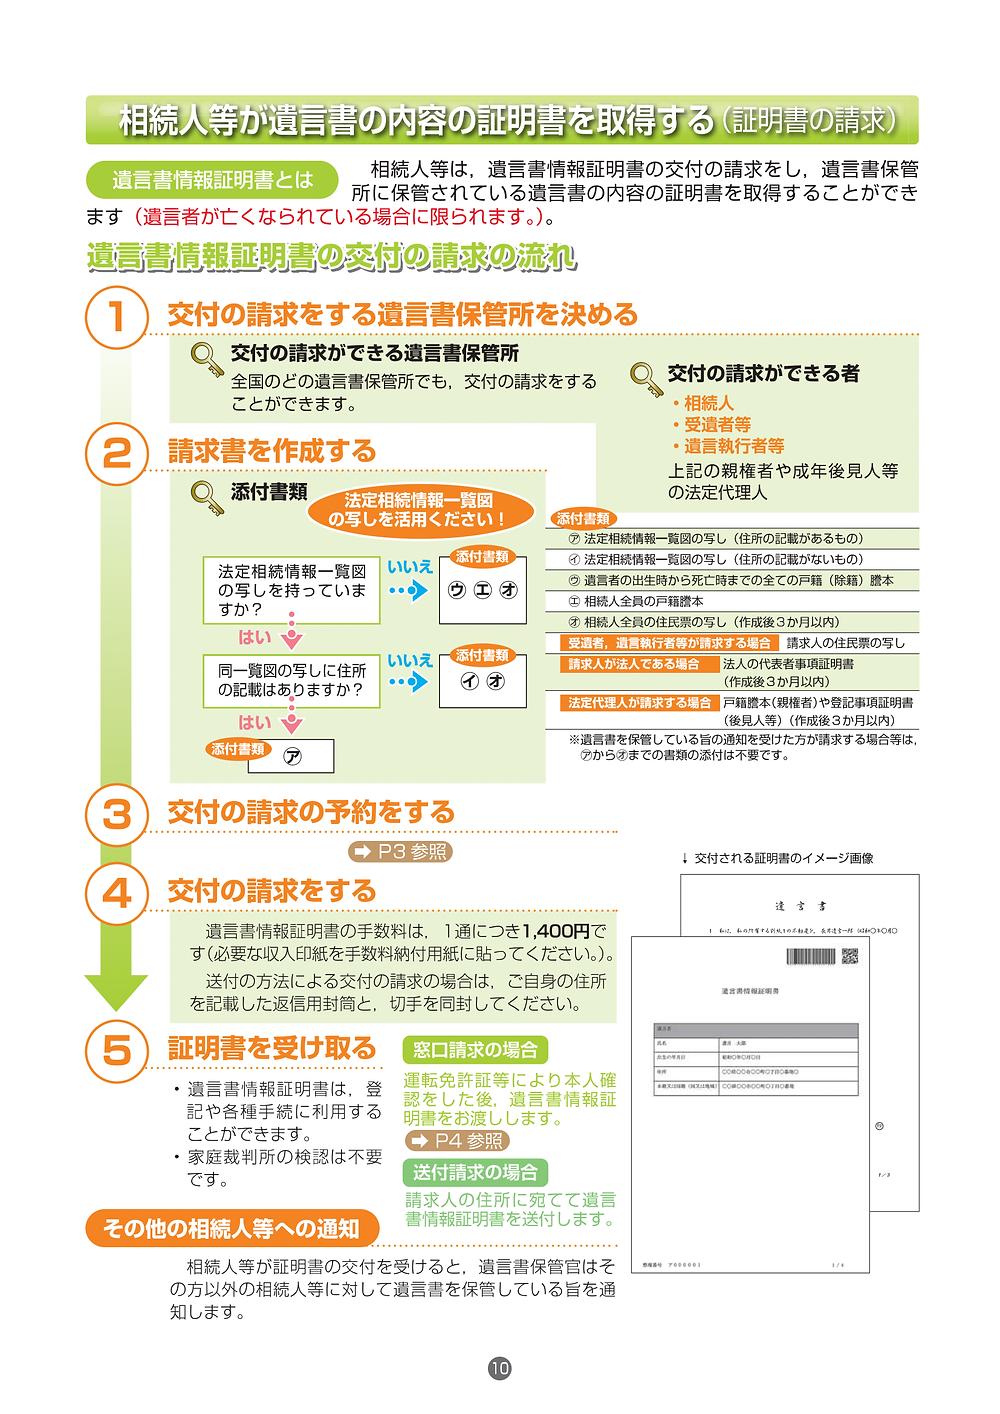 遺言書情報証明書の交付の請求の流れ